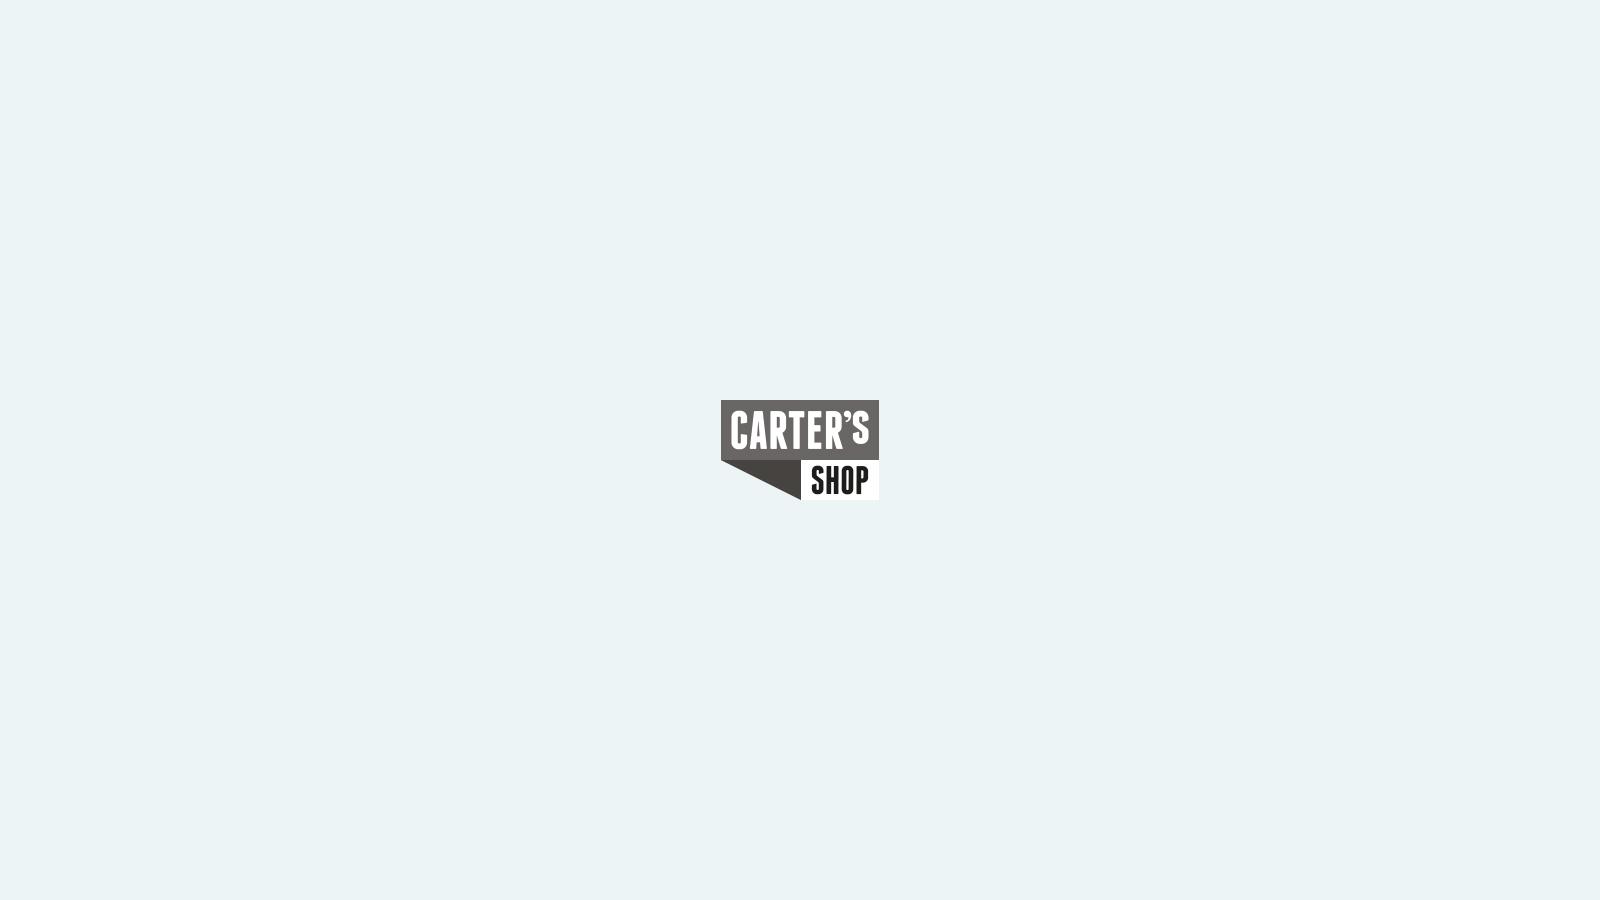 Carter's Shop 3.jpg